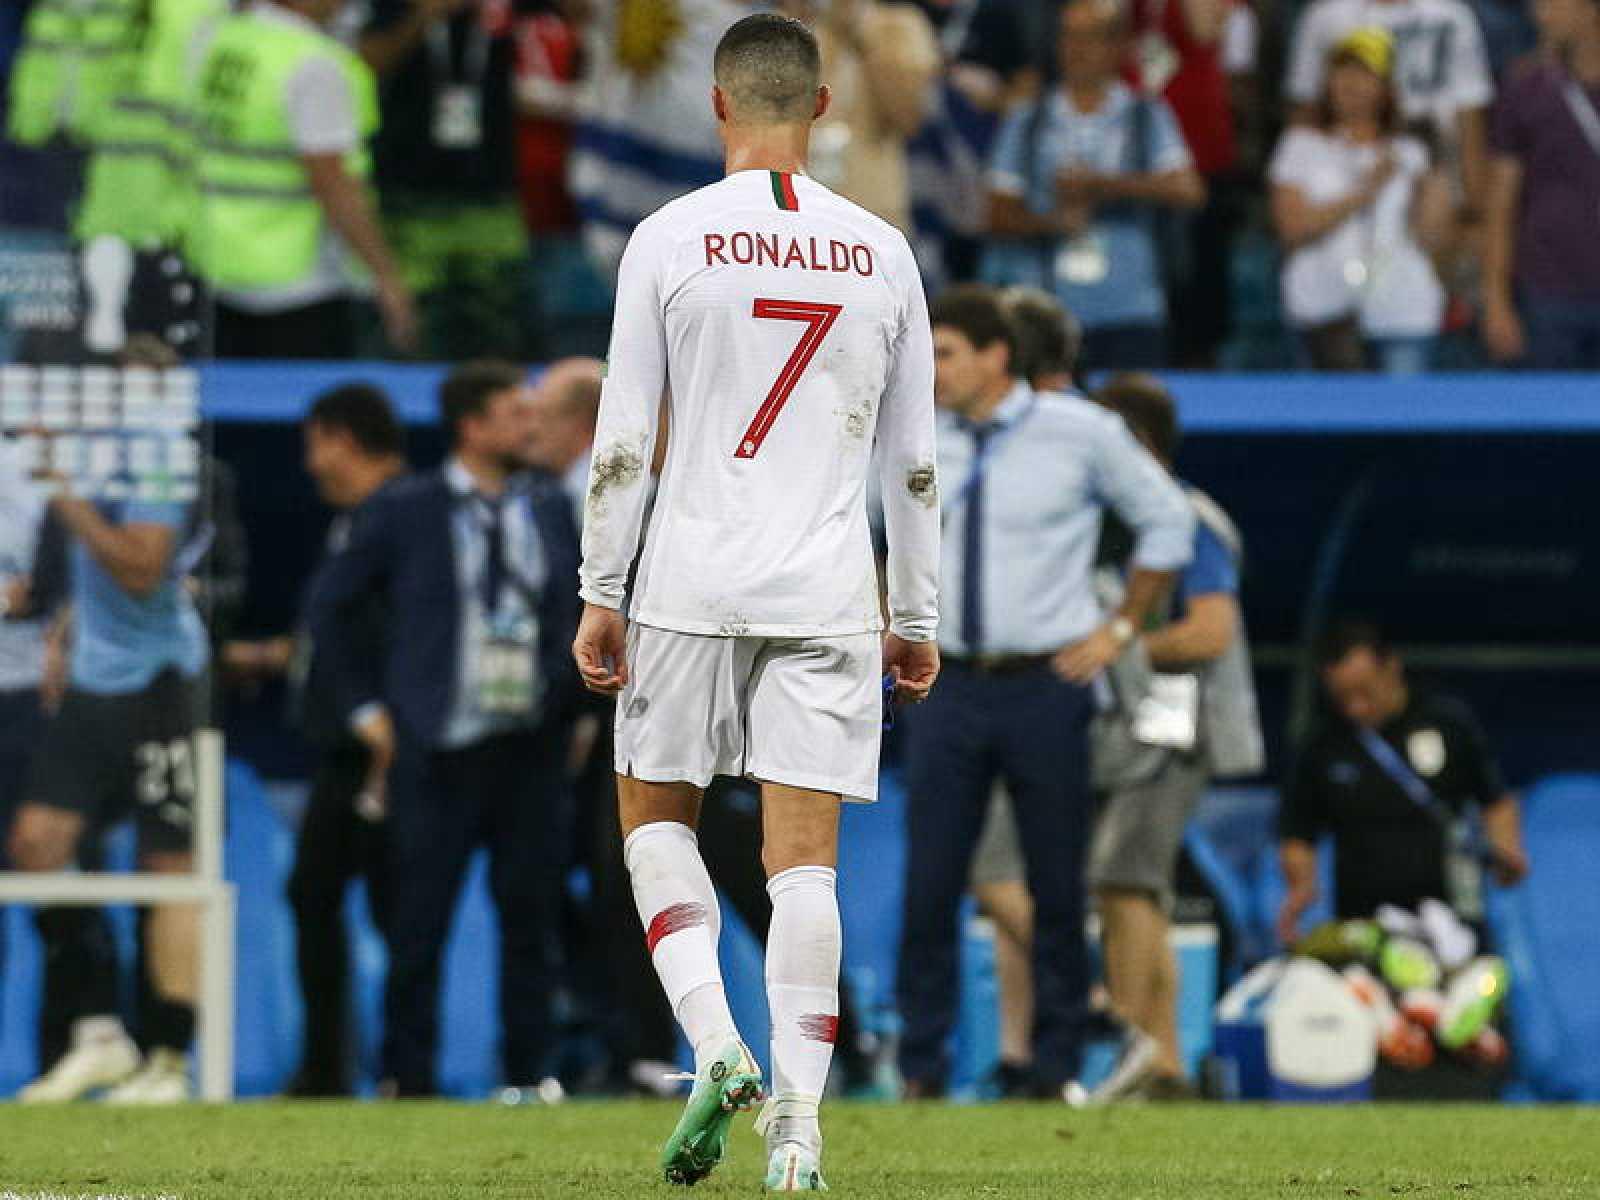 Cristiano abandona el campo tras la eliminación de Portugal ante Uruguay en Rusia 2018